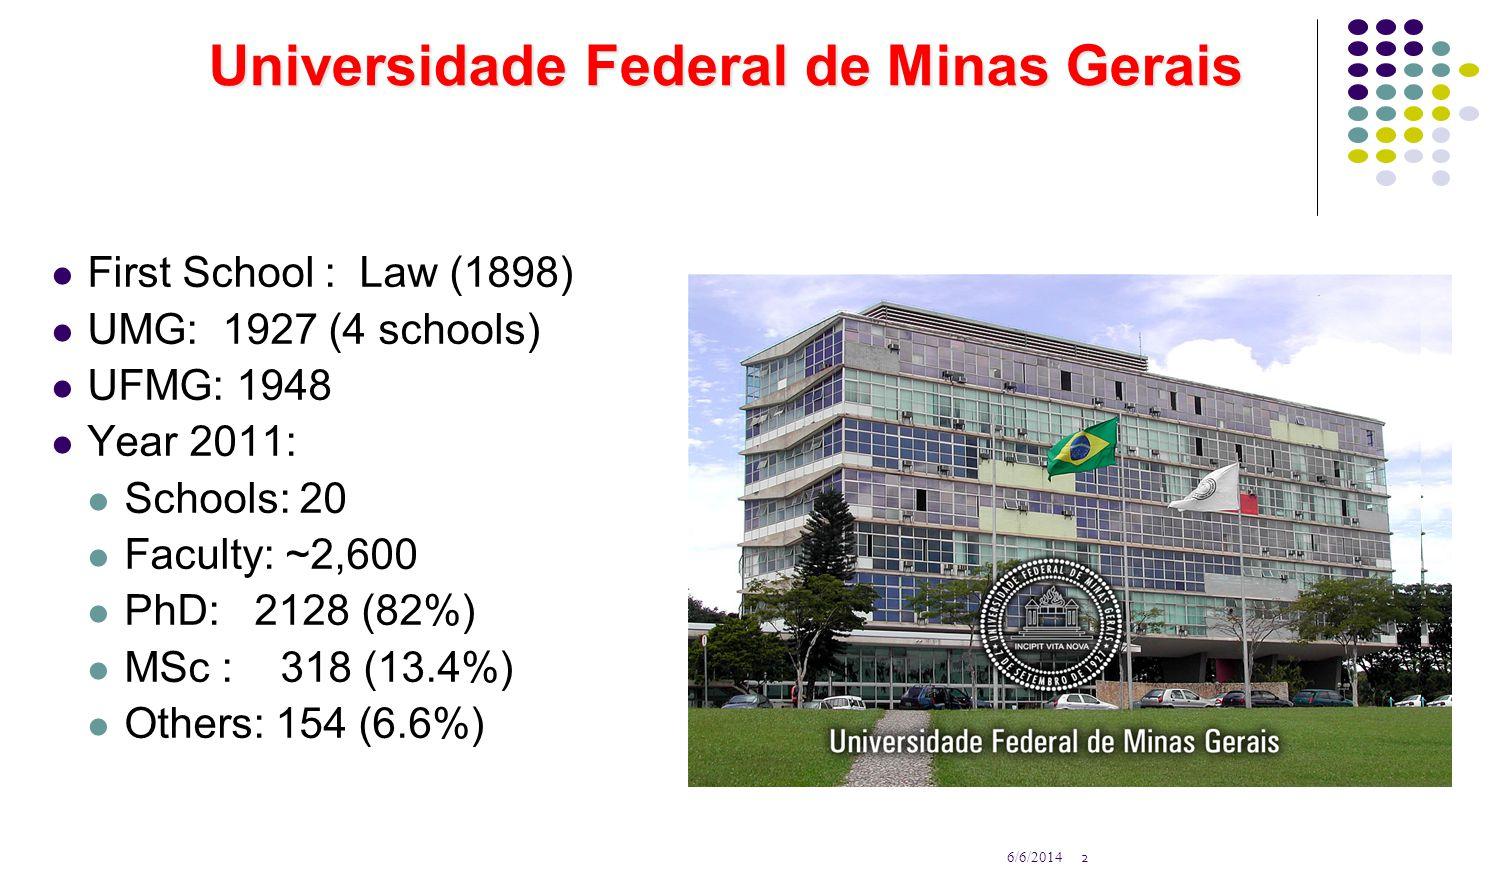 2 6/6/2014 Universidade Federal de Minas Gerais First School : Law (1898) UMG: 1927 (4 schools) UFMG: 1948 Year 2011: Schools: 20 Faculty: ~2,600 PhD: